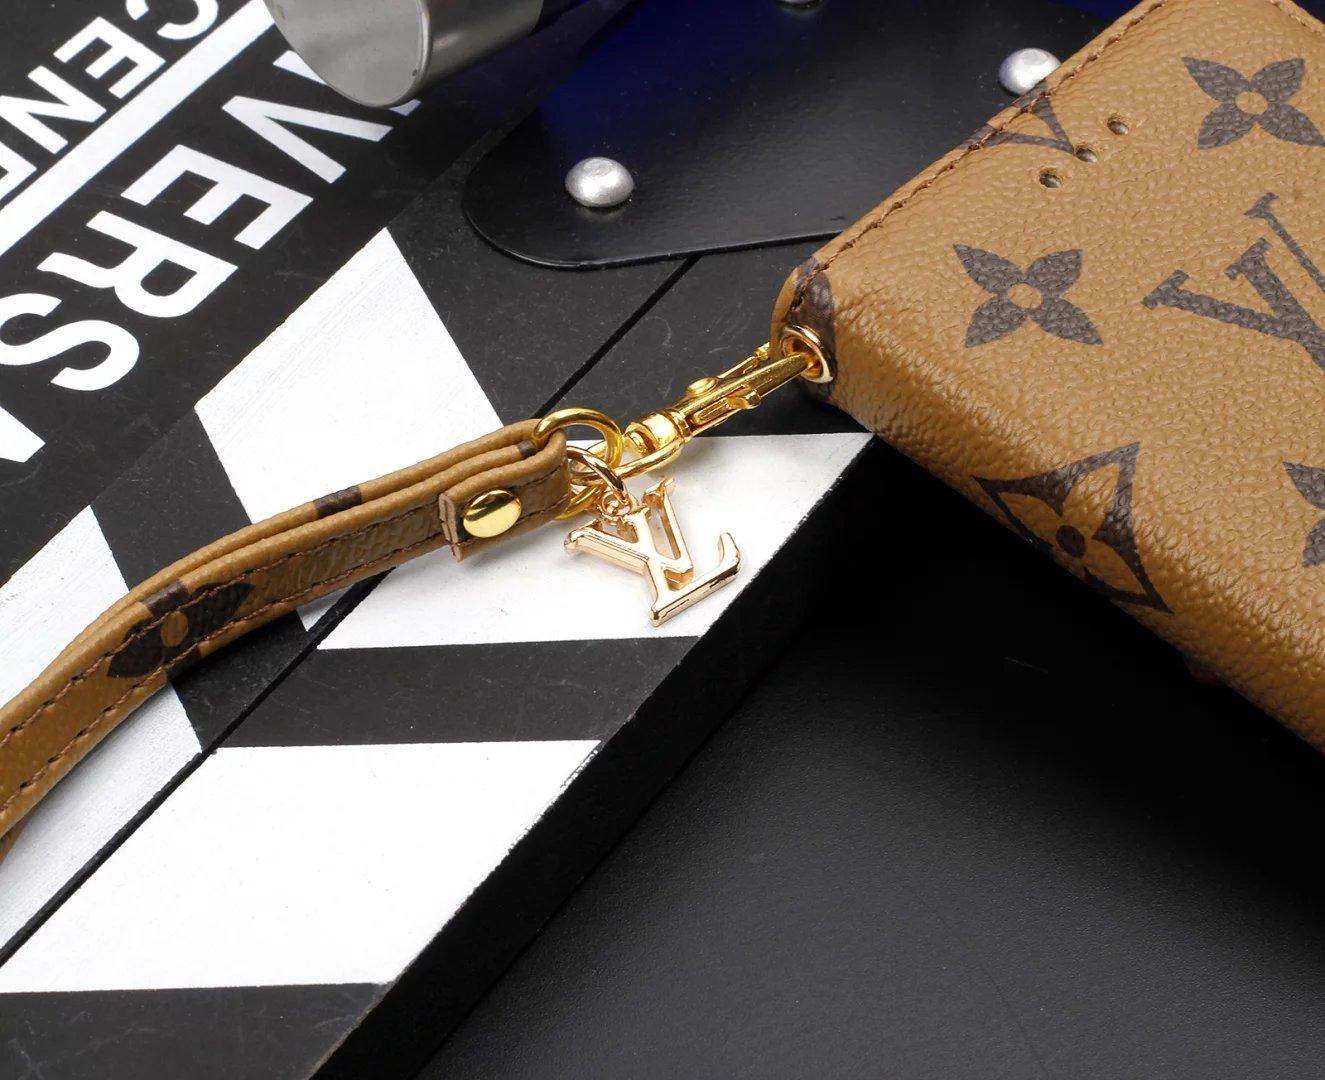 schutzhülle iphone iphone hülle online shop Louis Vuitton iphone6 hülle ledertasche iphone schutzhülle 6lbst designen individuelle handyhülle iphone schutzhülle 6lbst gestalten smartphone hülle bedrucken handy kappe erstellen